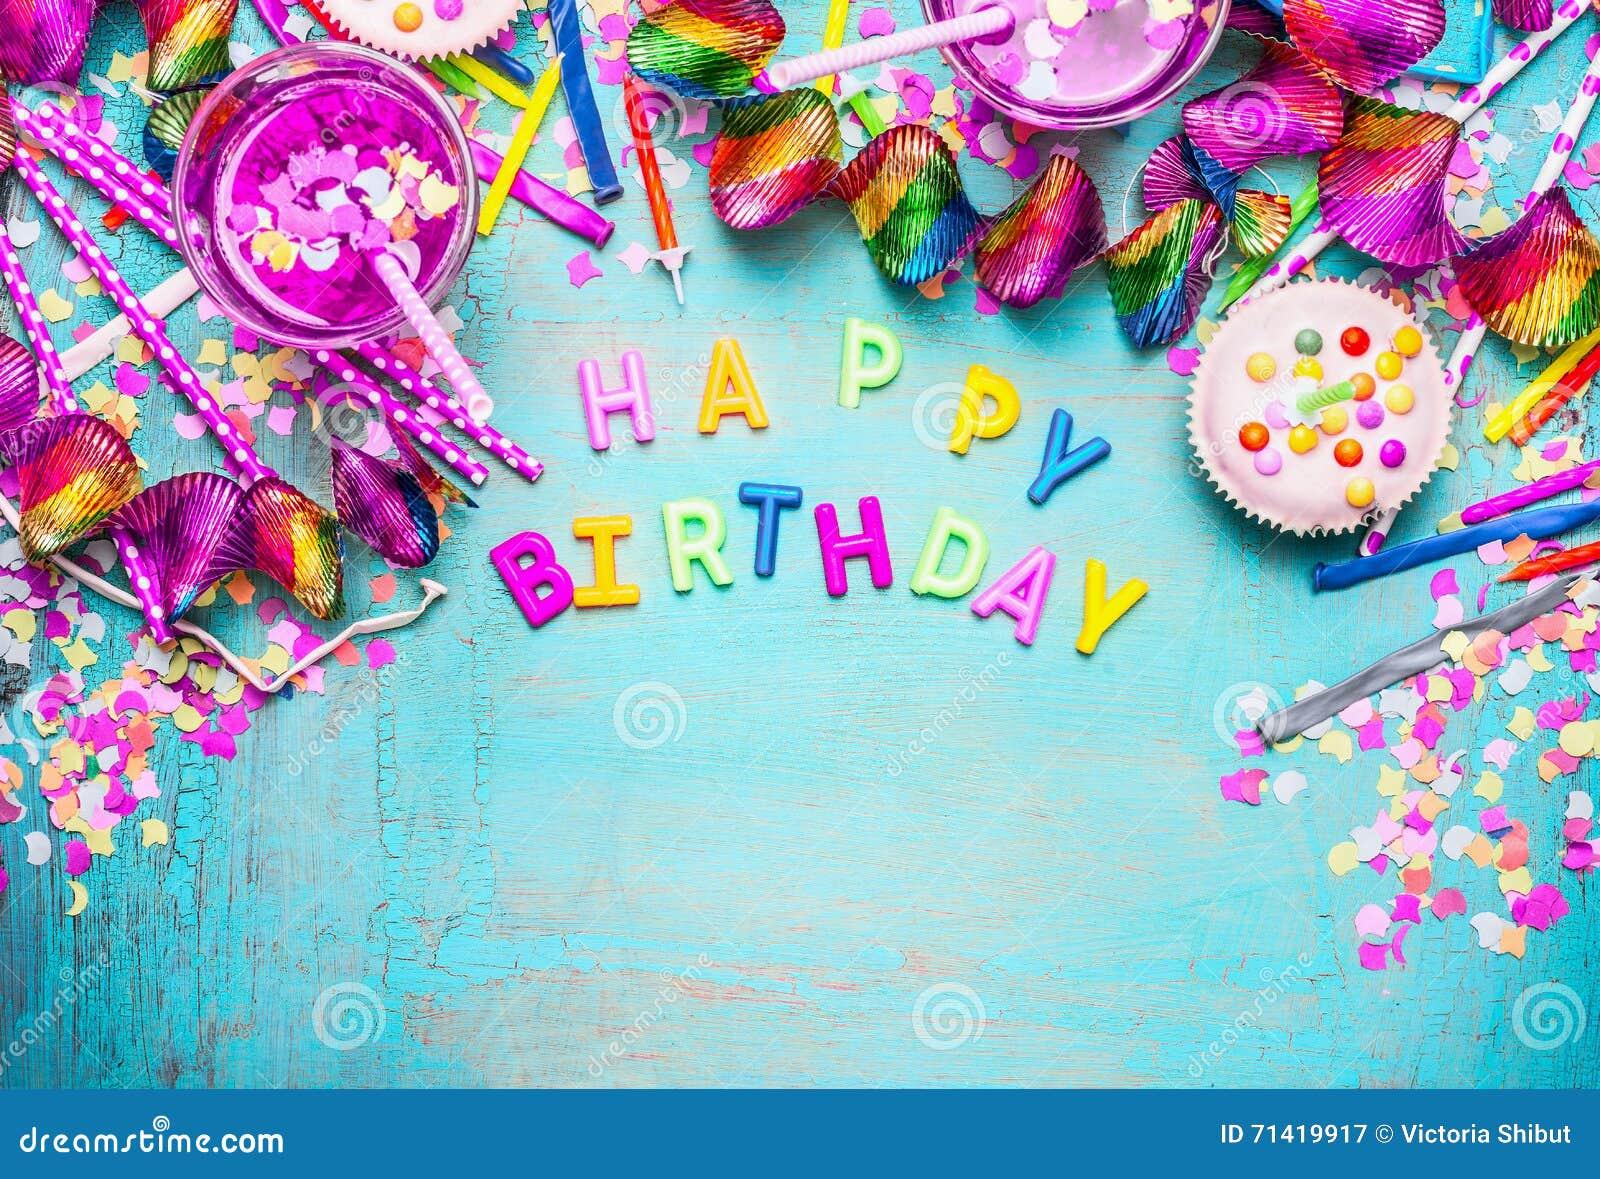 Fundo Do Feliz Aniversario Com Letras 9f255cc91ce2e